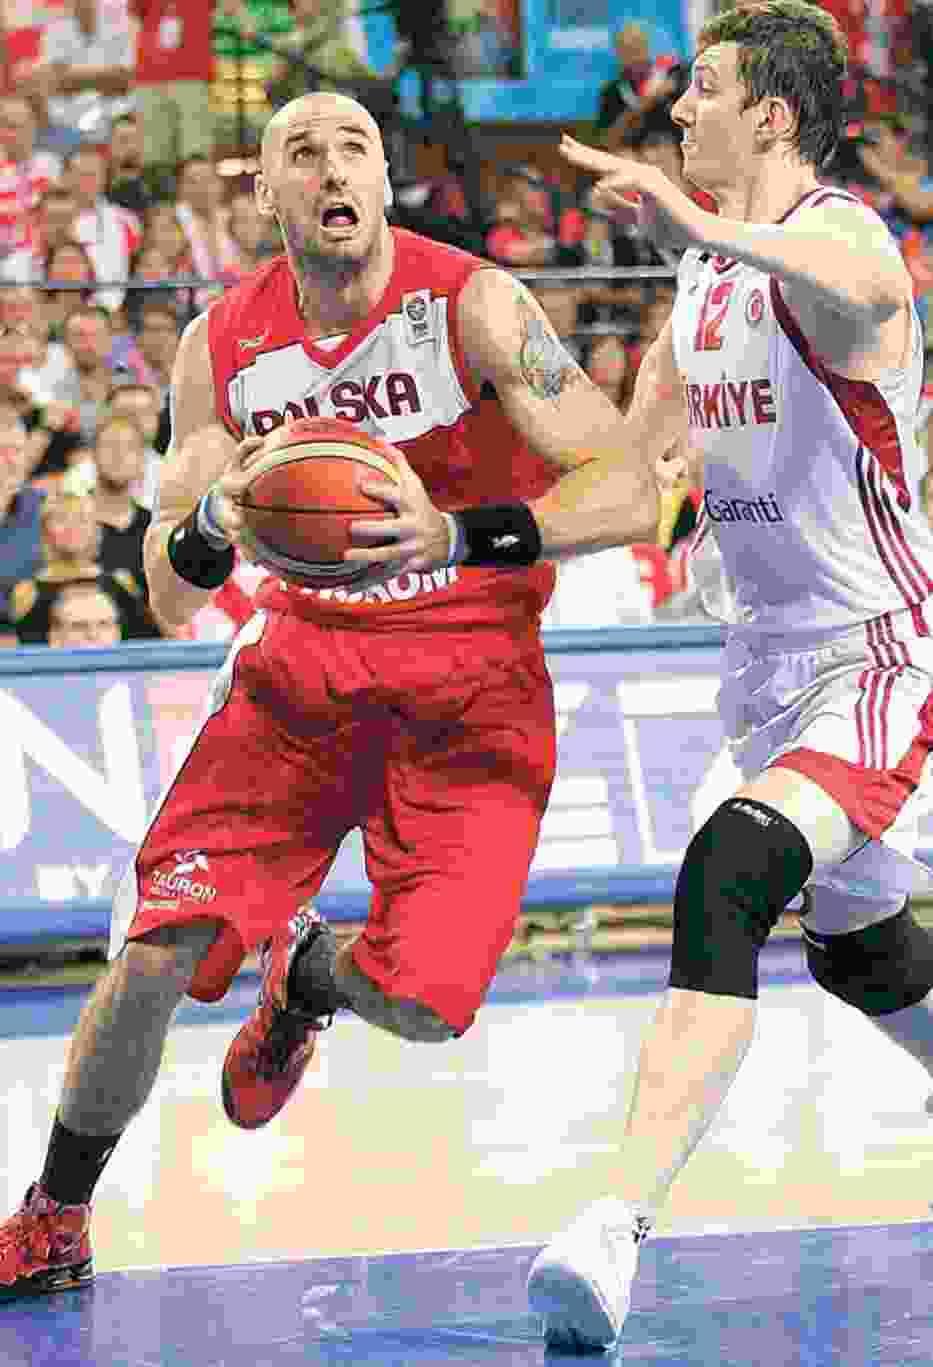 Marcin (z lewej) w dwóch pierwszych meczach grał średnio po 37 minut